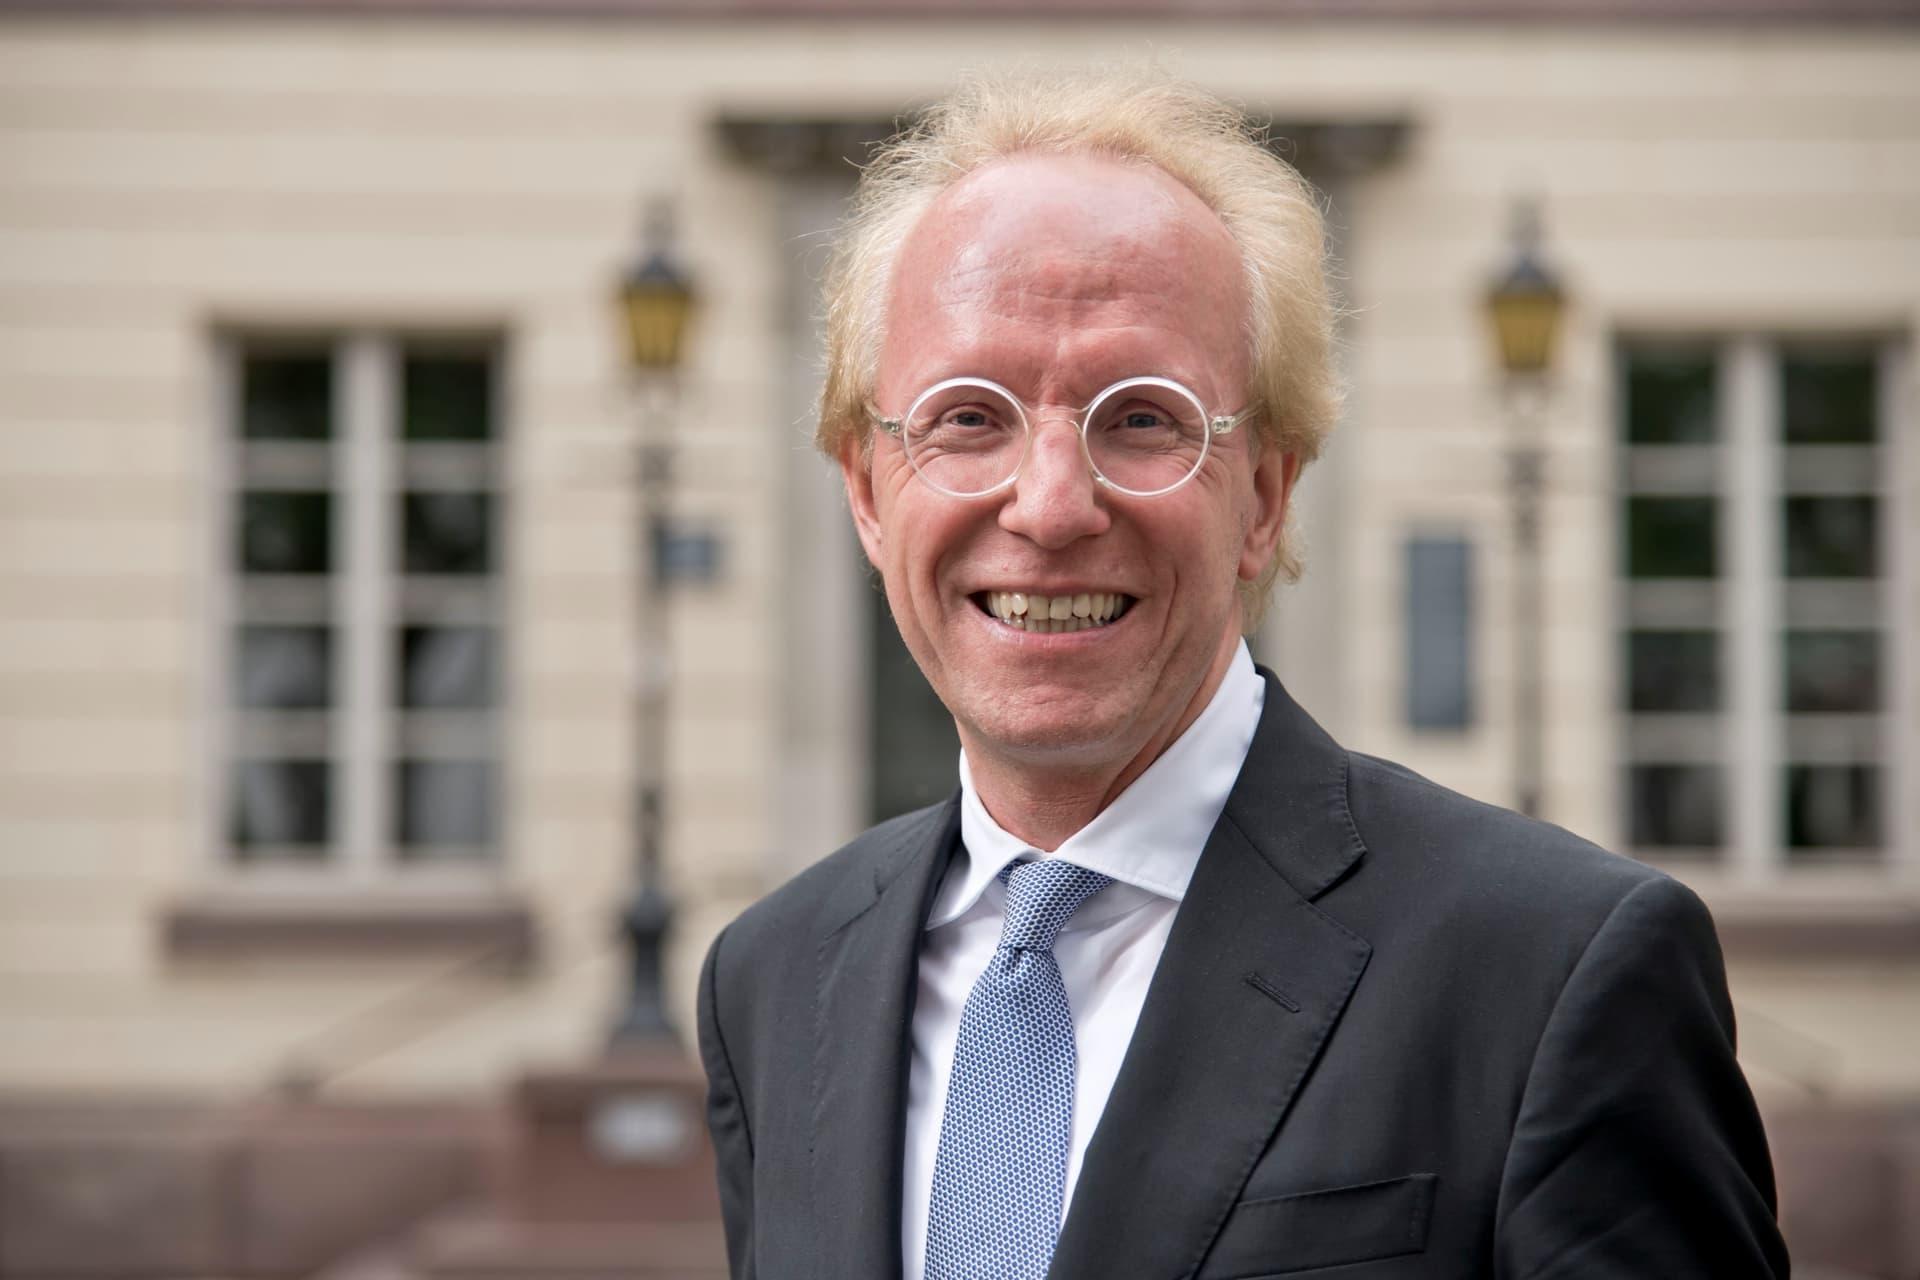 Sascha Spoun - (c) Jan Vetter, Universität Göttingen